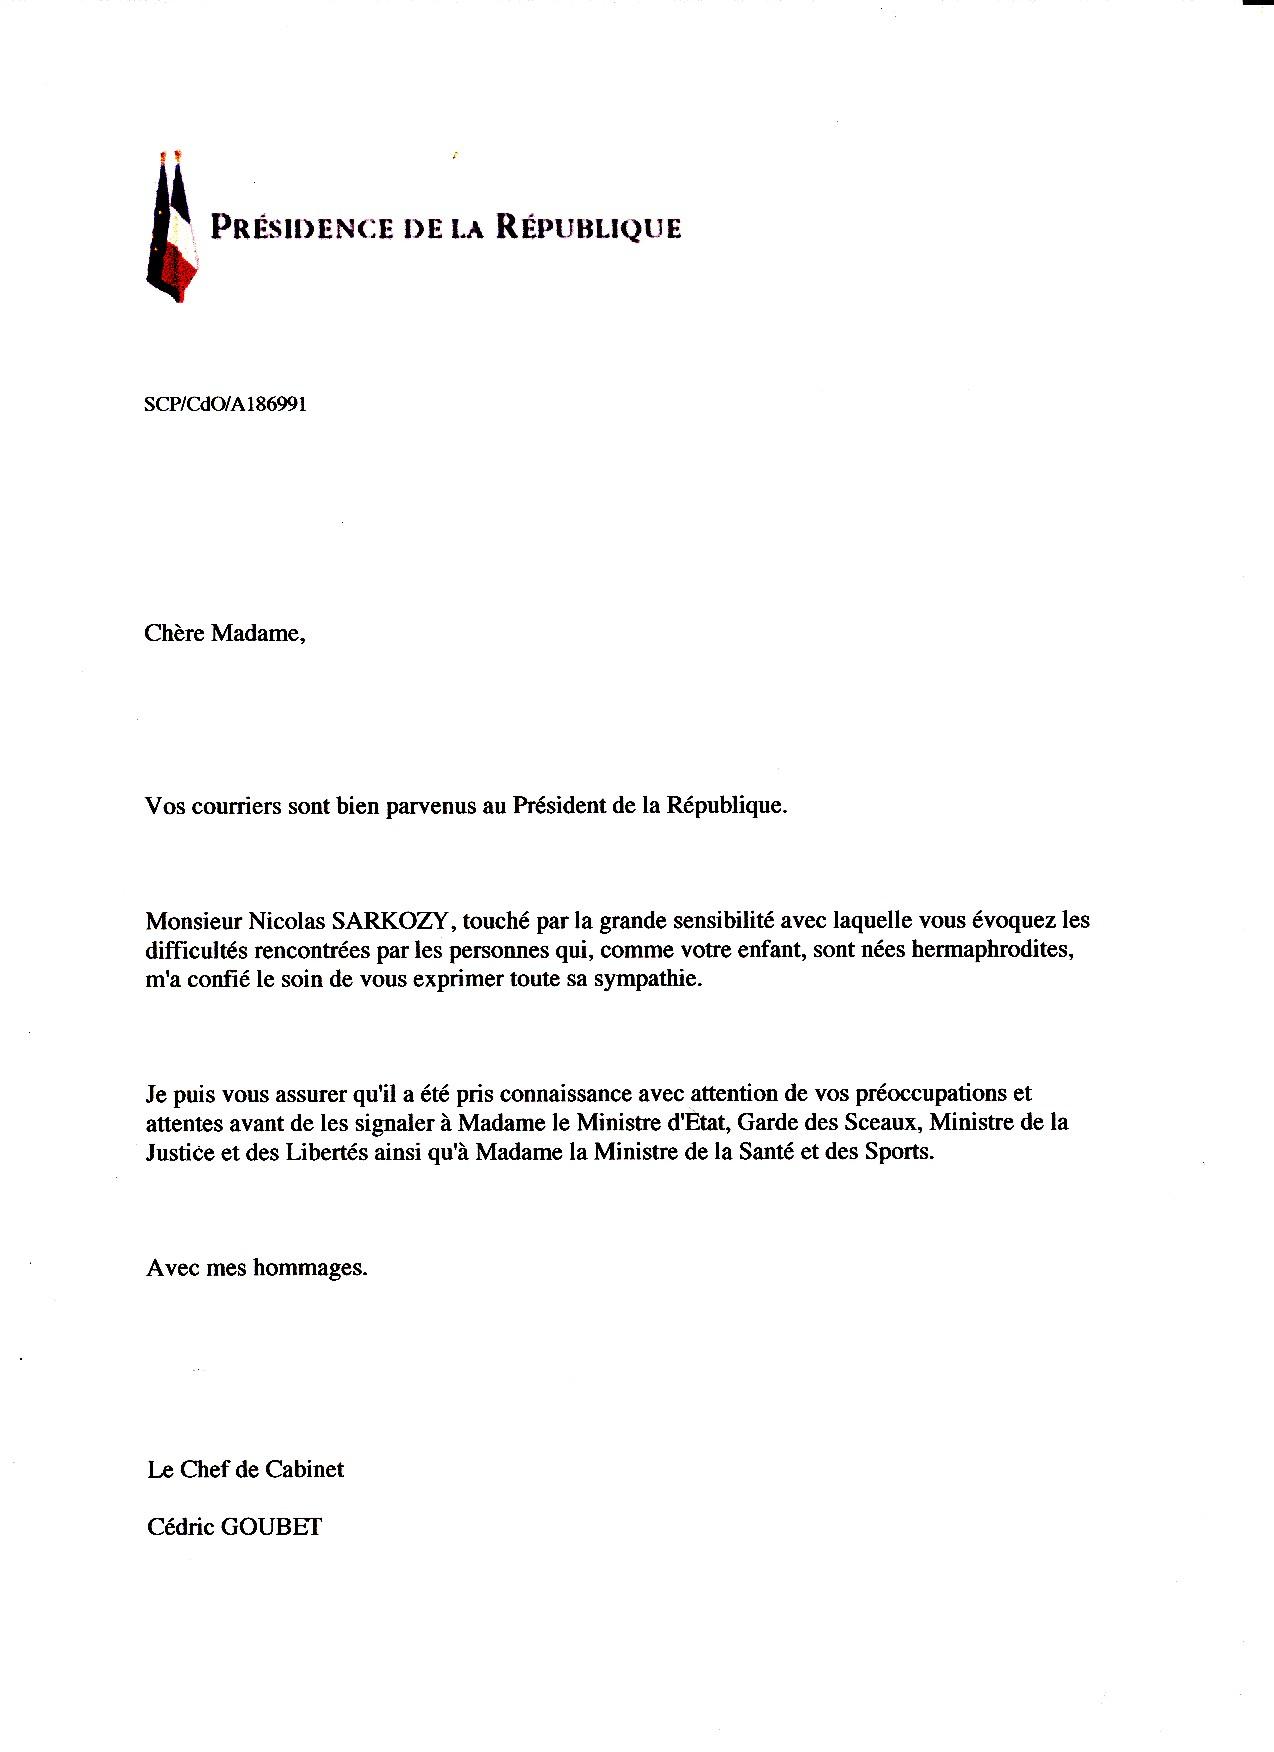 Brief schreiben franzosisch